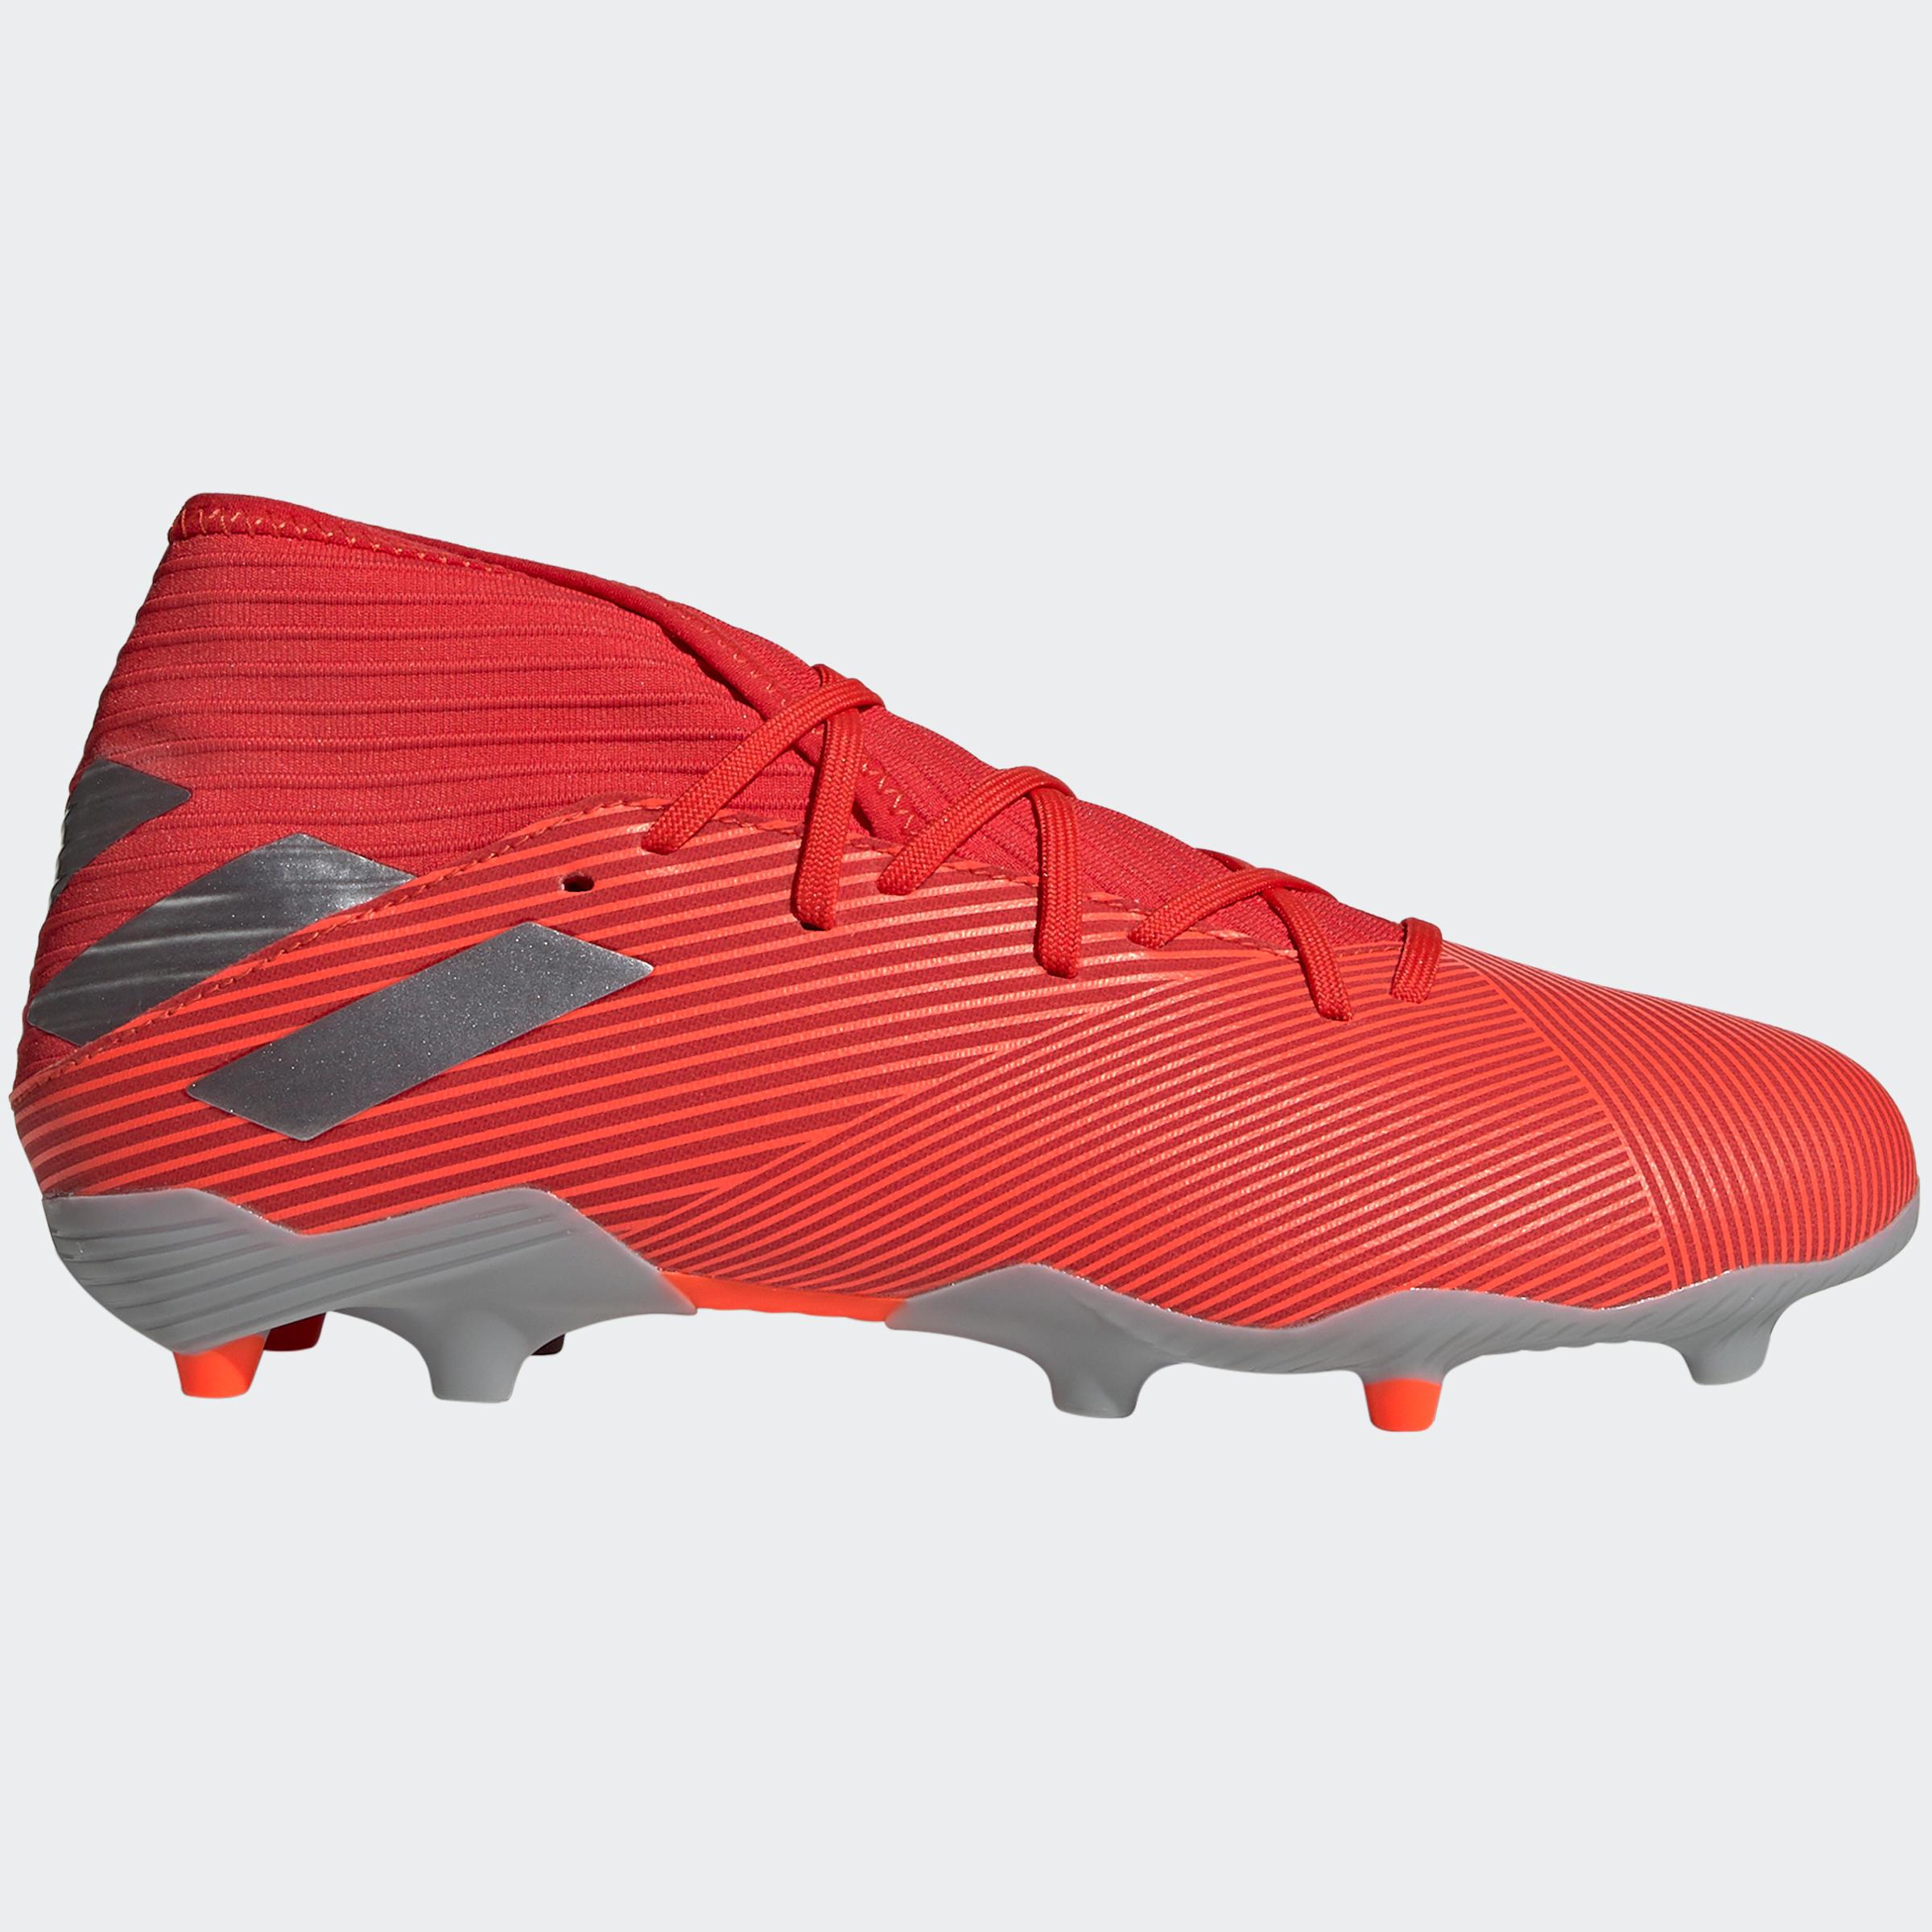 Nemeziz 19.3 FG Adult Football Boots